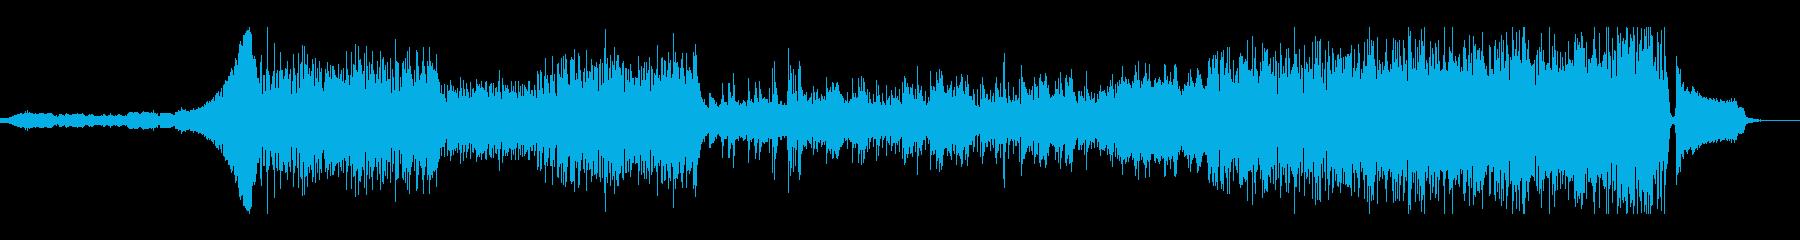 ミディアムテンポの爽やかなインストポップの再生済みの波形